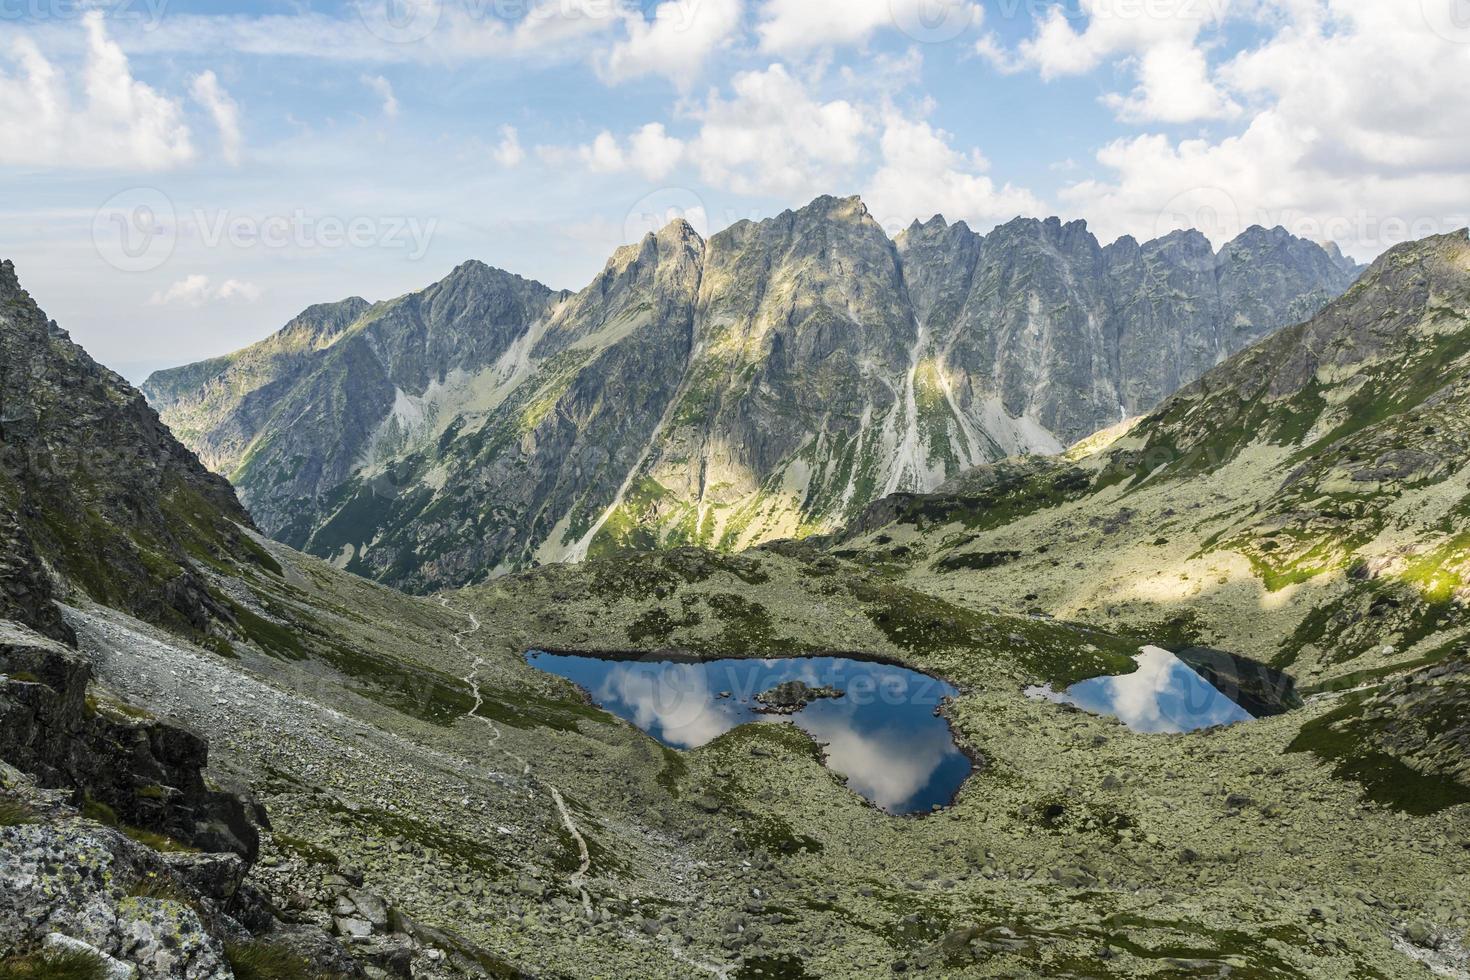 tudo mais bonito nas montanhas ou lagoas e picos foto